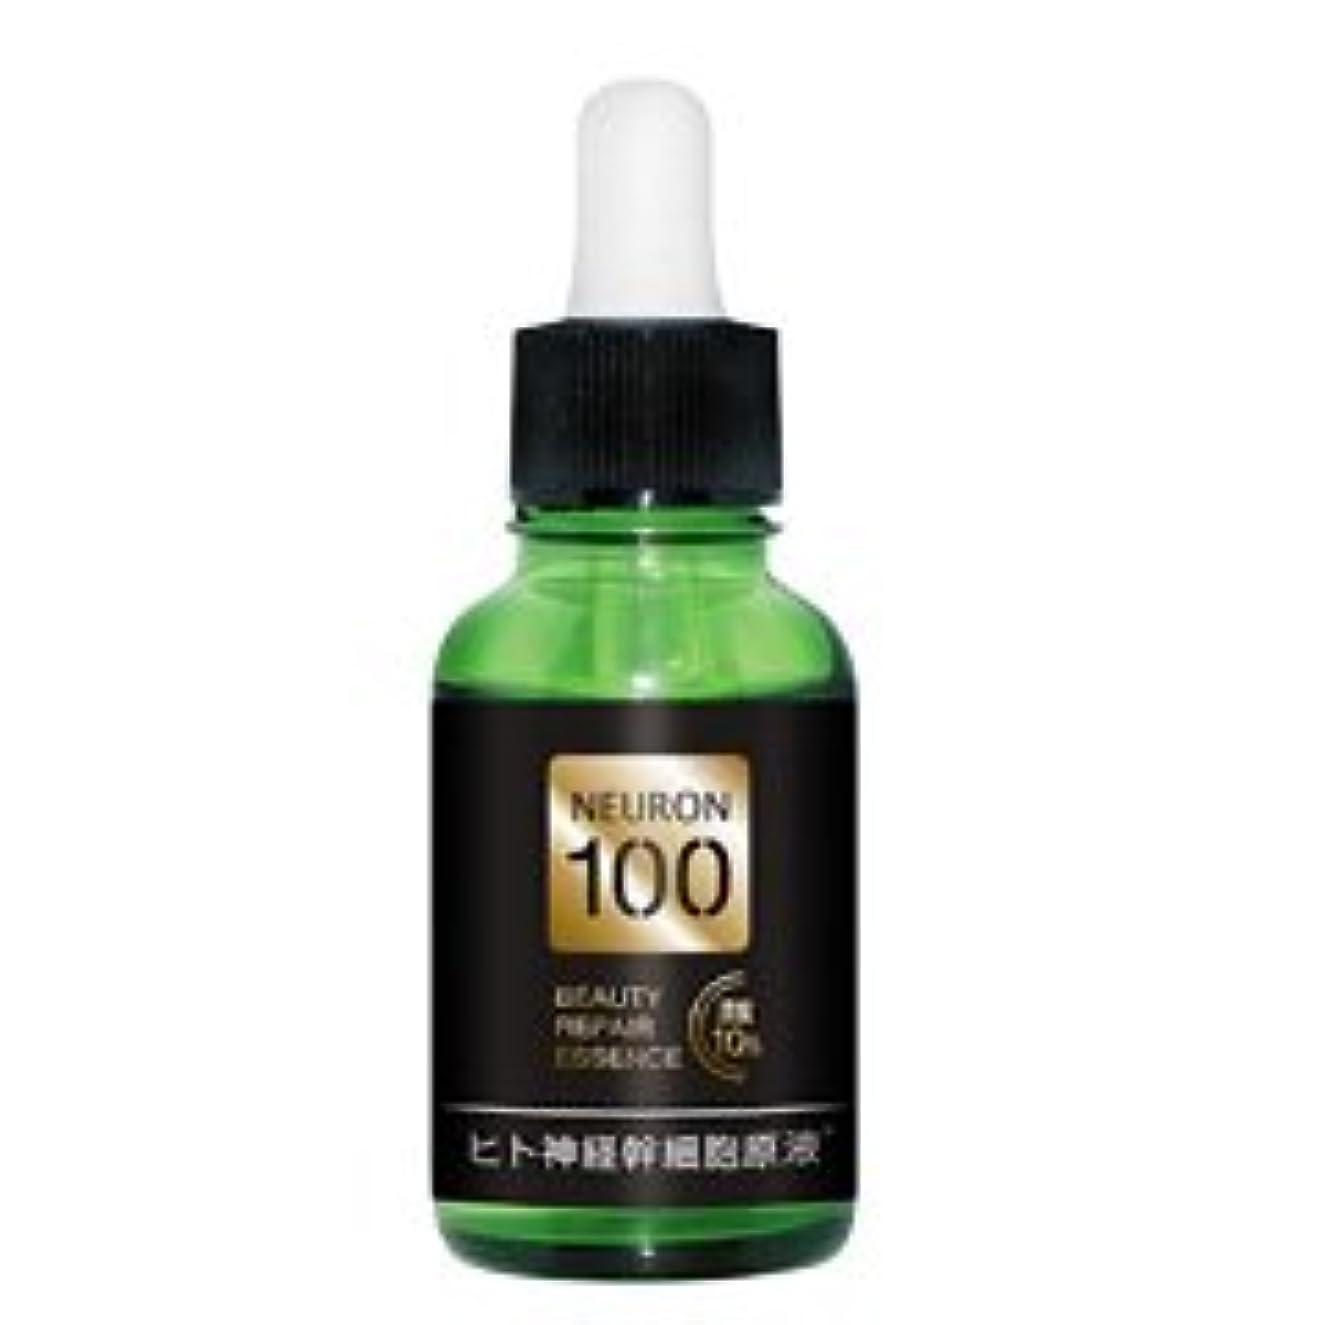 日付フローティング表面【濃度10%】 ニューロン100 NEURON100 ヒト由来神経幹細胞培養液 サロン仕様品 ギフトにも最適 美容液 30ml